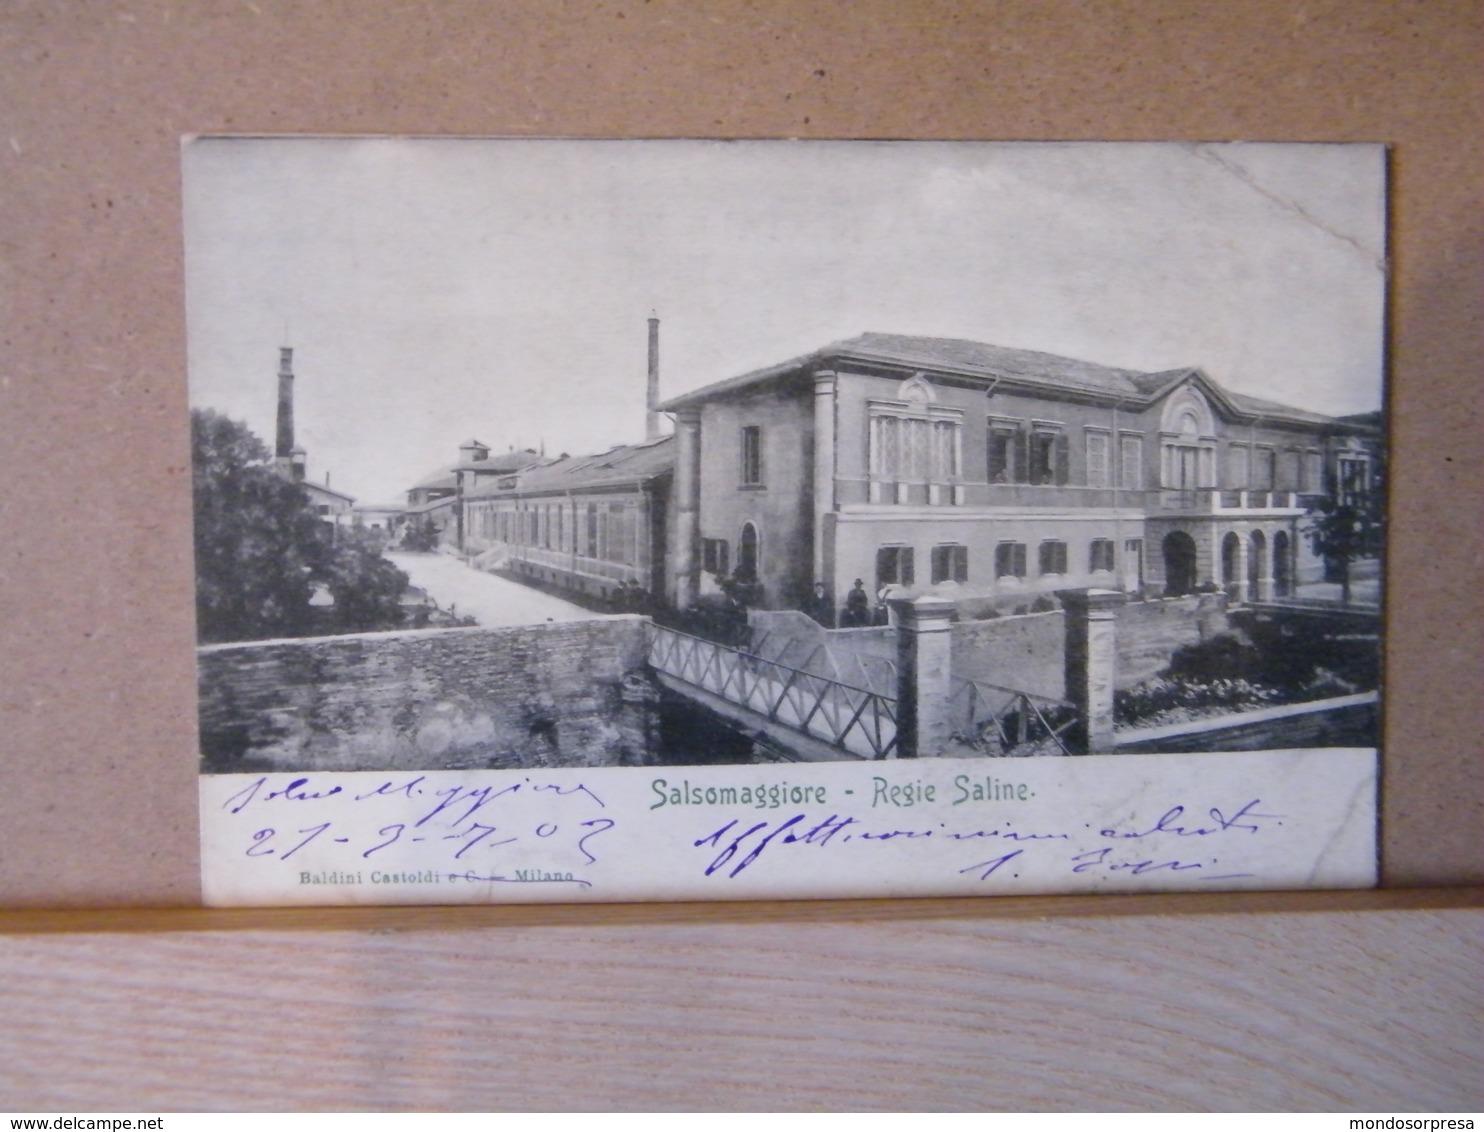 MONDOSORPRESA, SALSOMAGGIORE (PARMA) REGIE SALINE ANIMATA 1902 - Italia